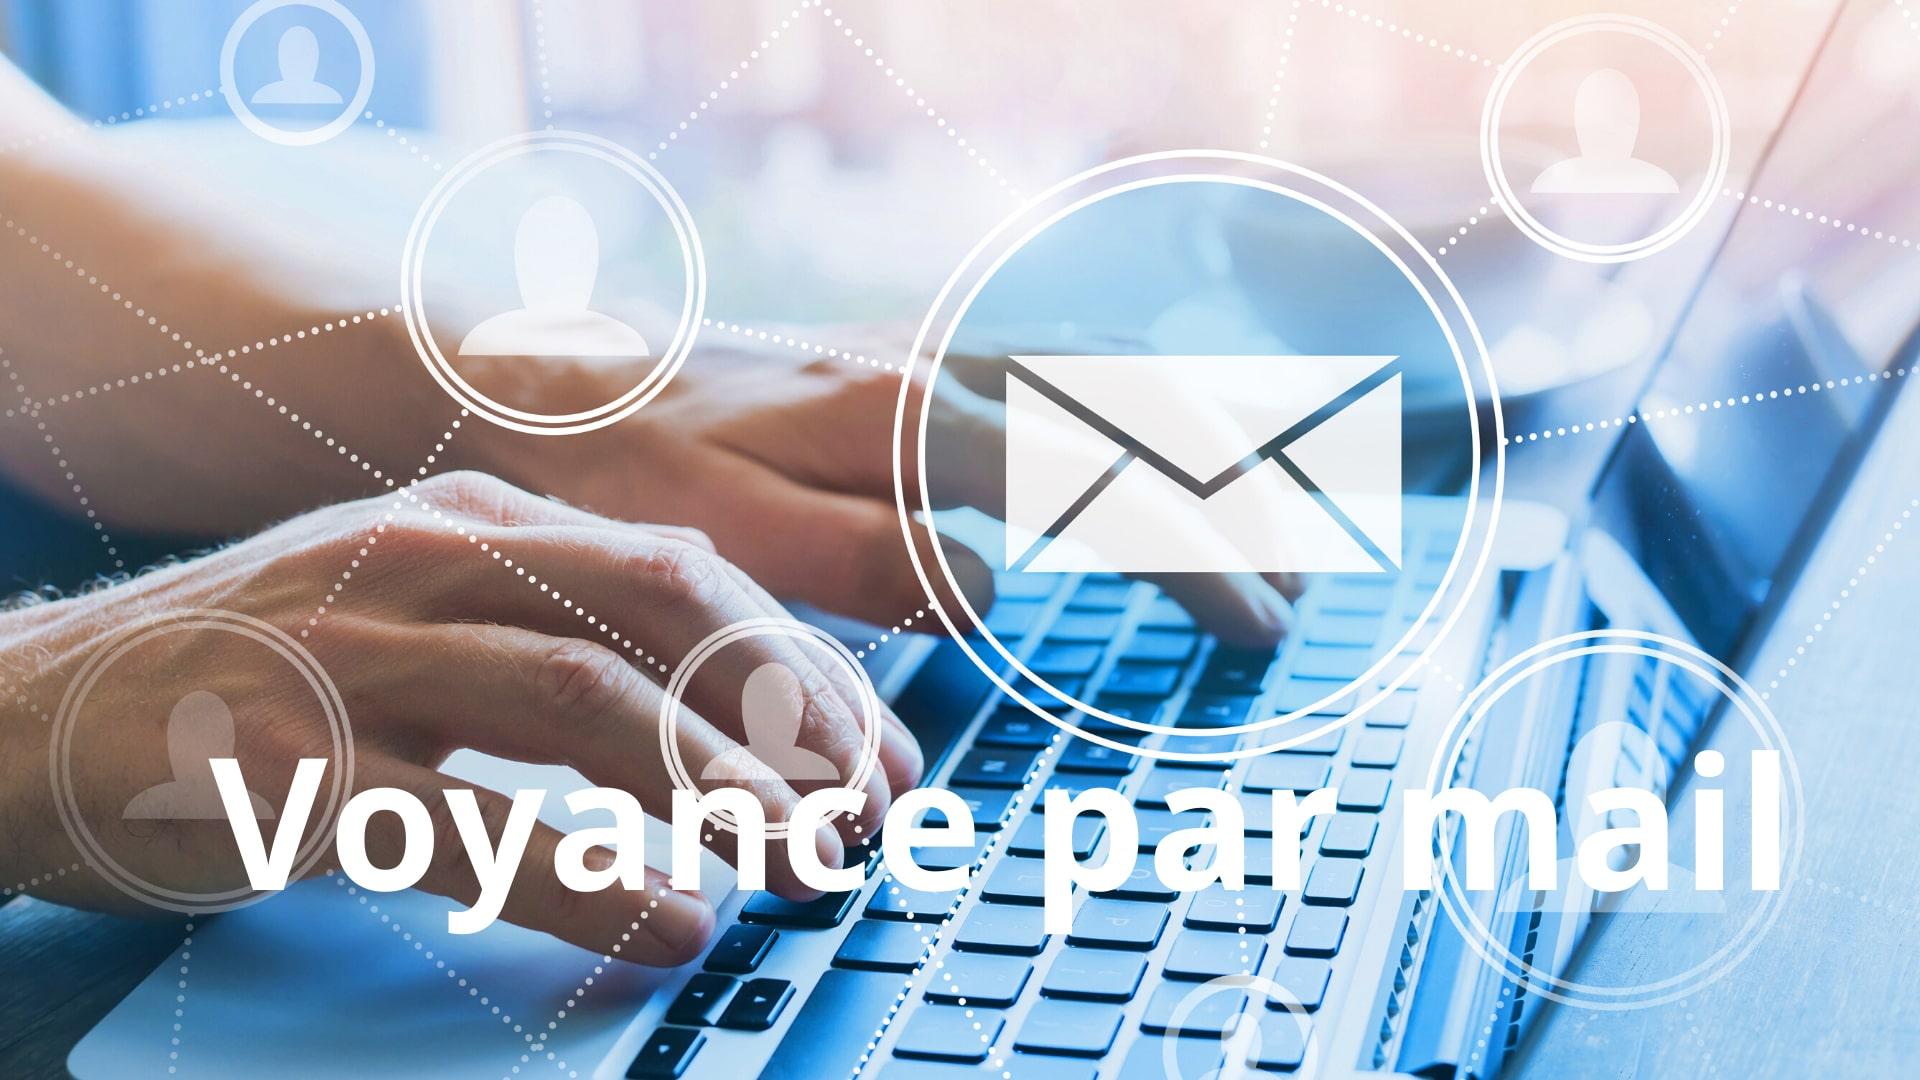 Infinità Corse Voyance vous propose des service de voyance par mail